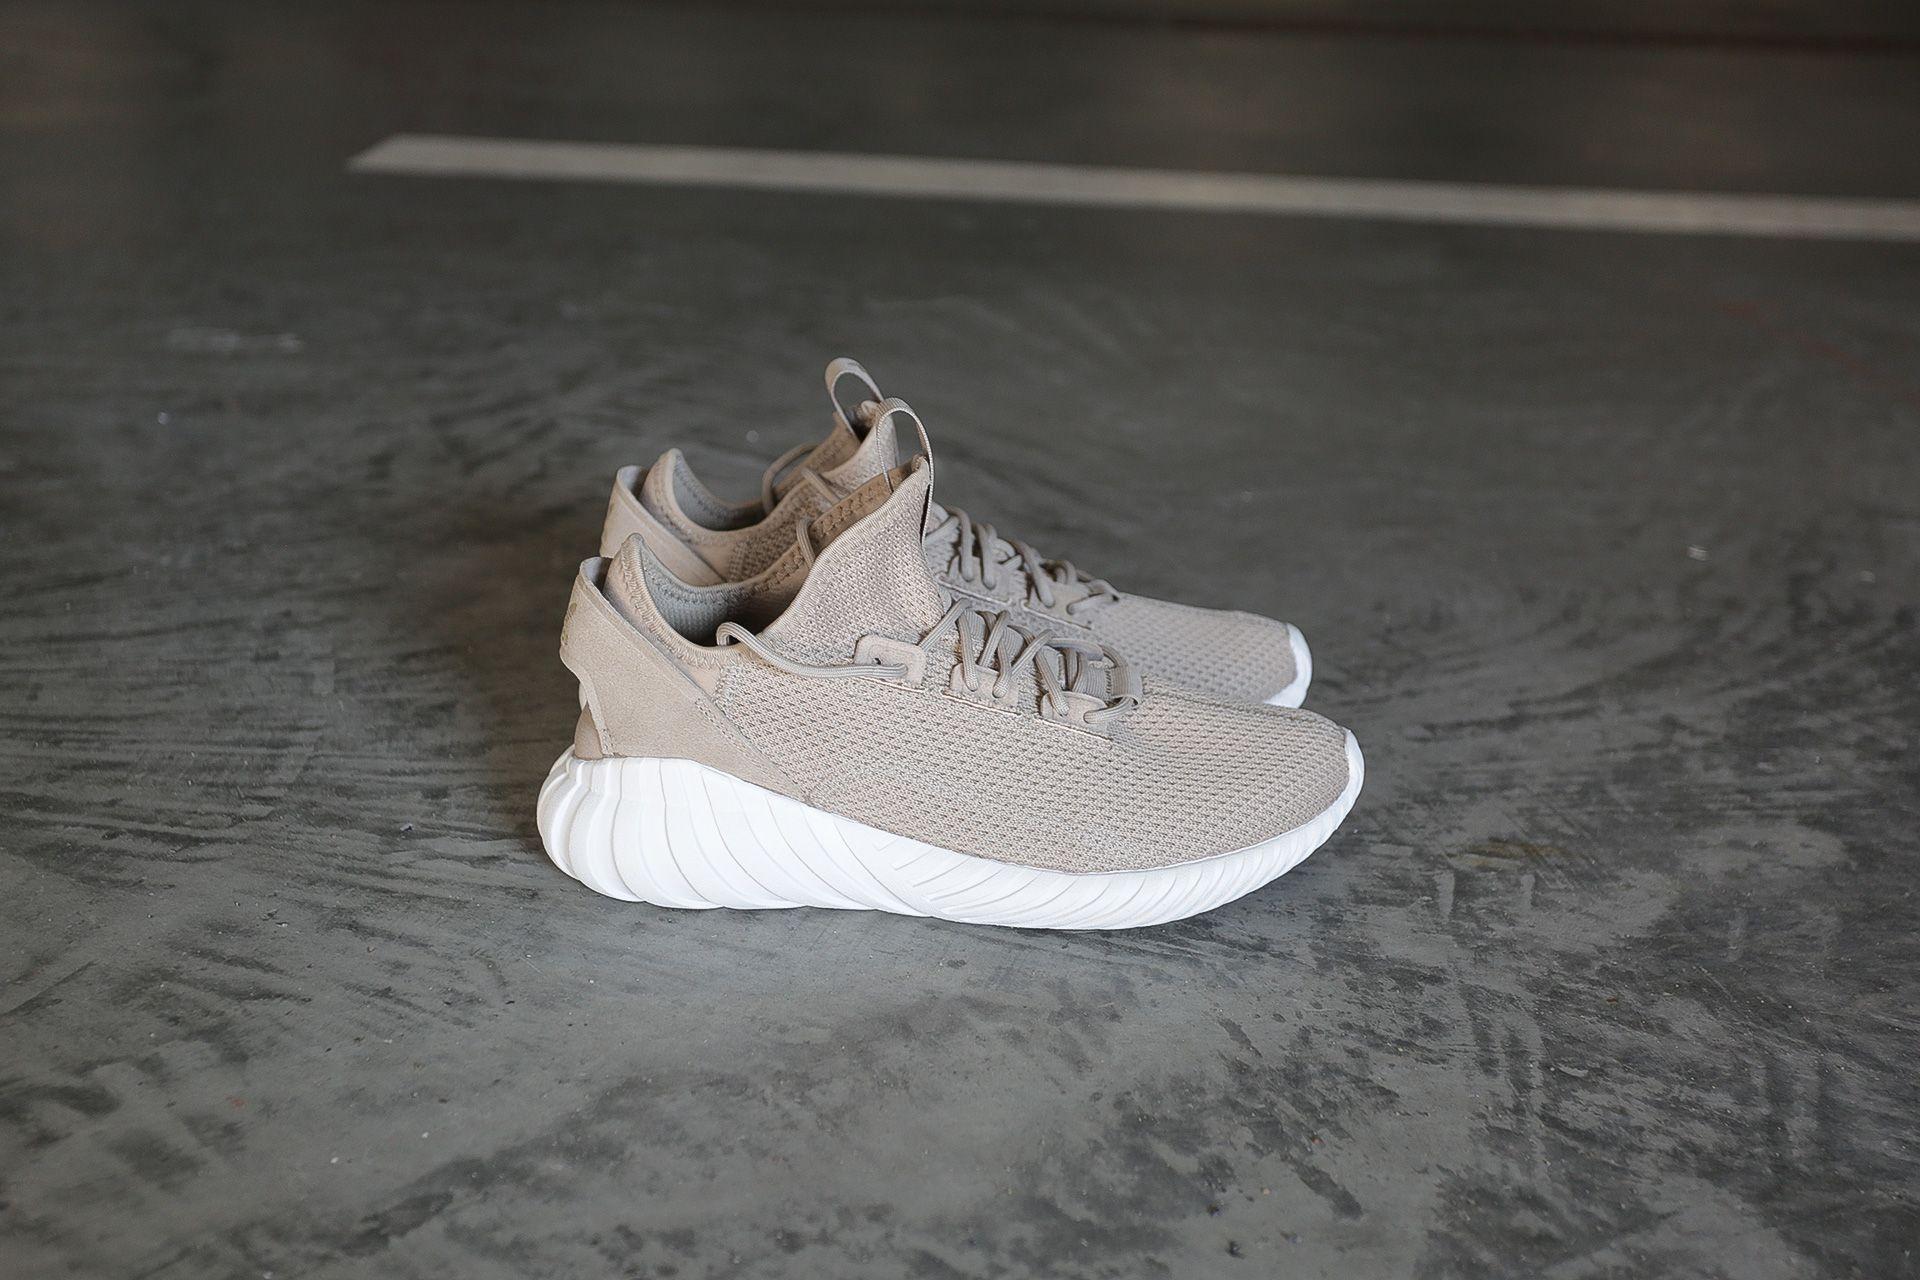 new arrival fe8f7 6b3a9 Купить бежевые мужские кроссовки Tubular Doom Sock от adidas ...